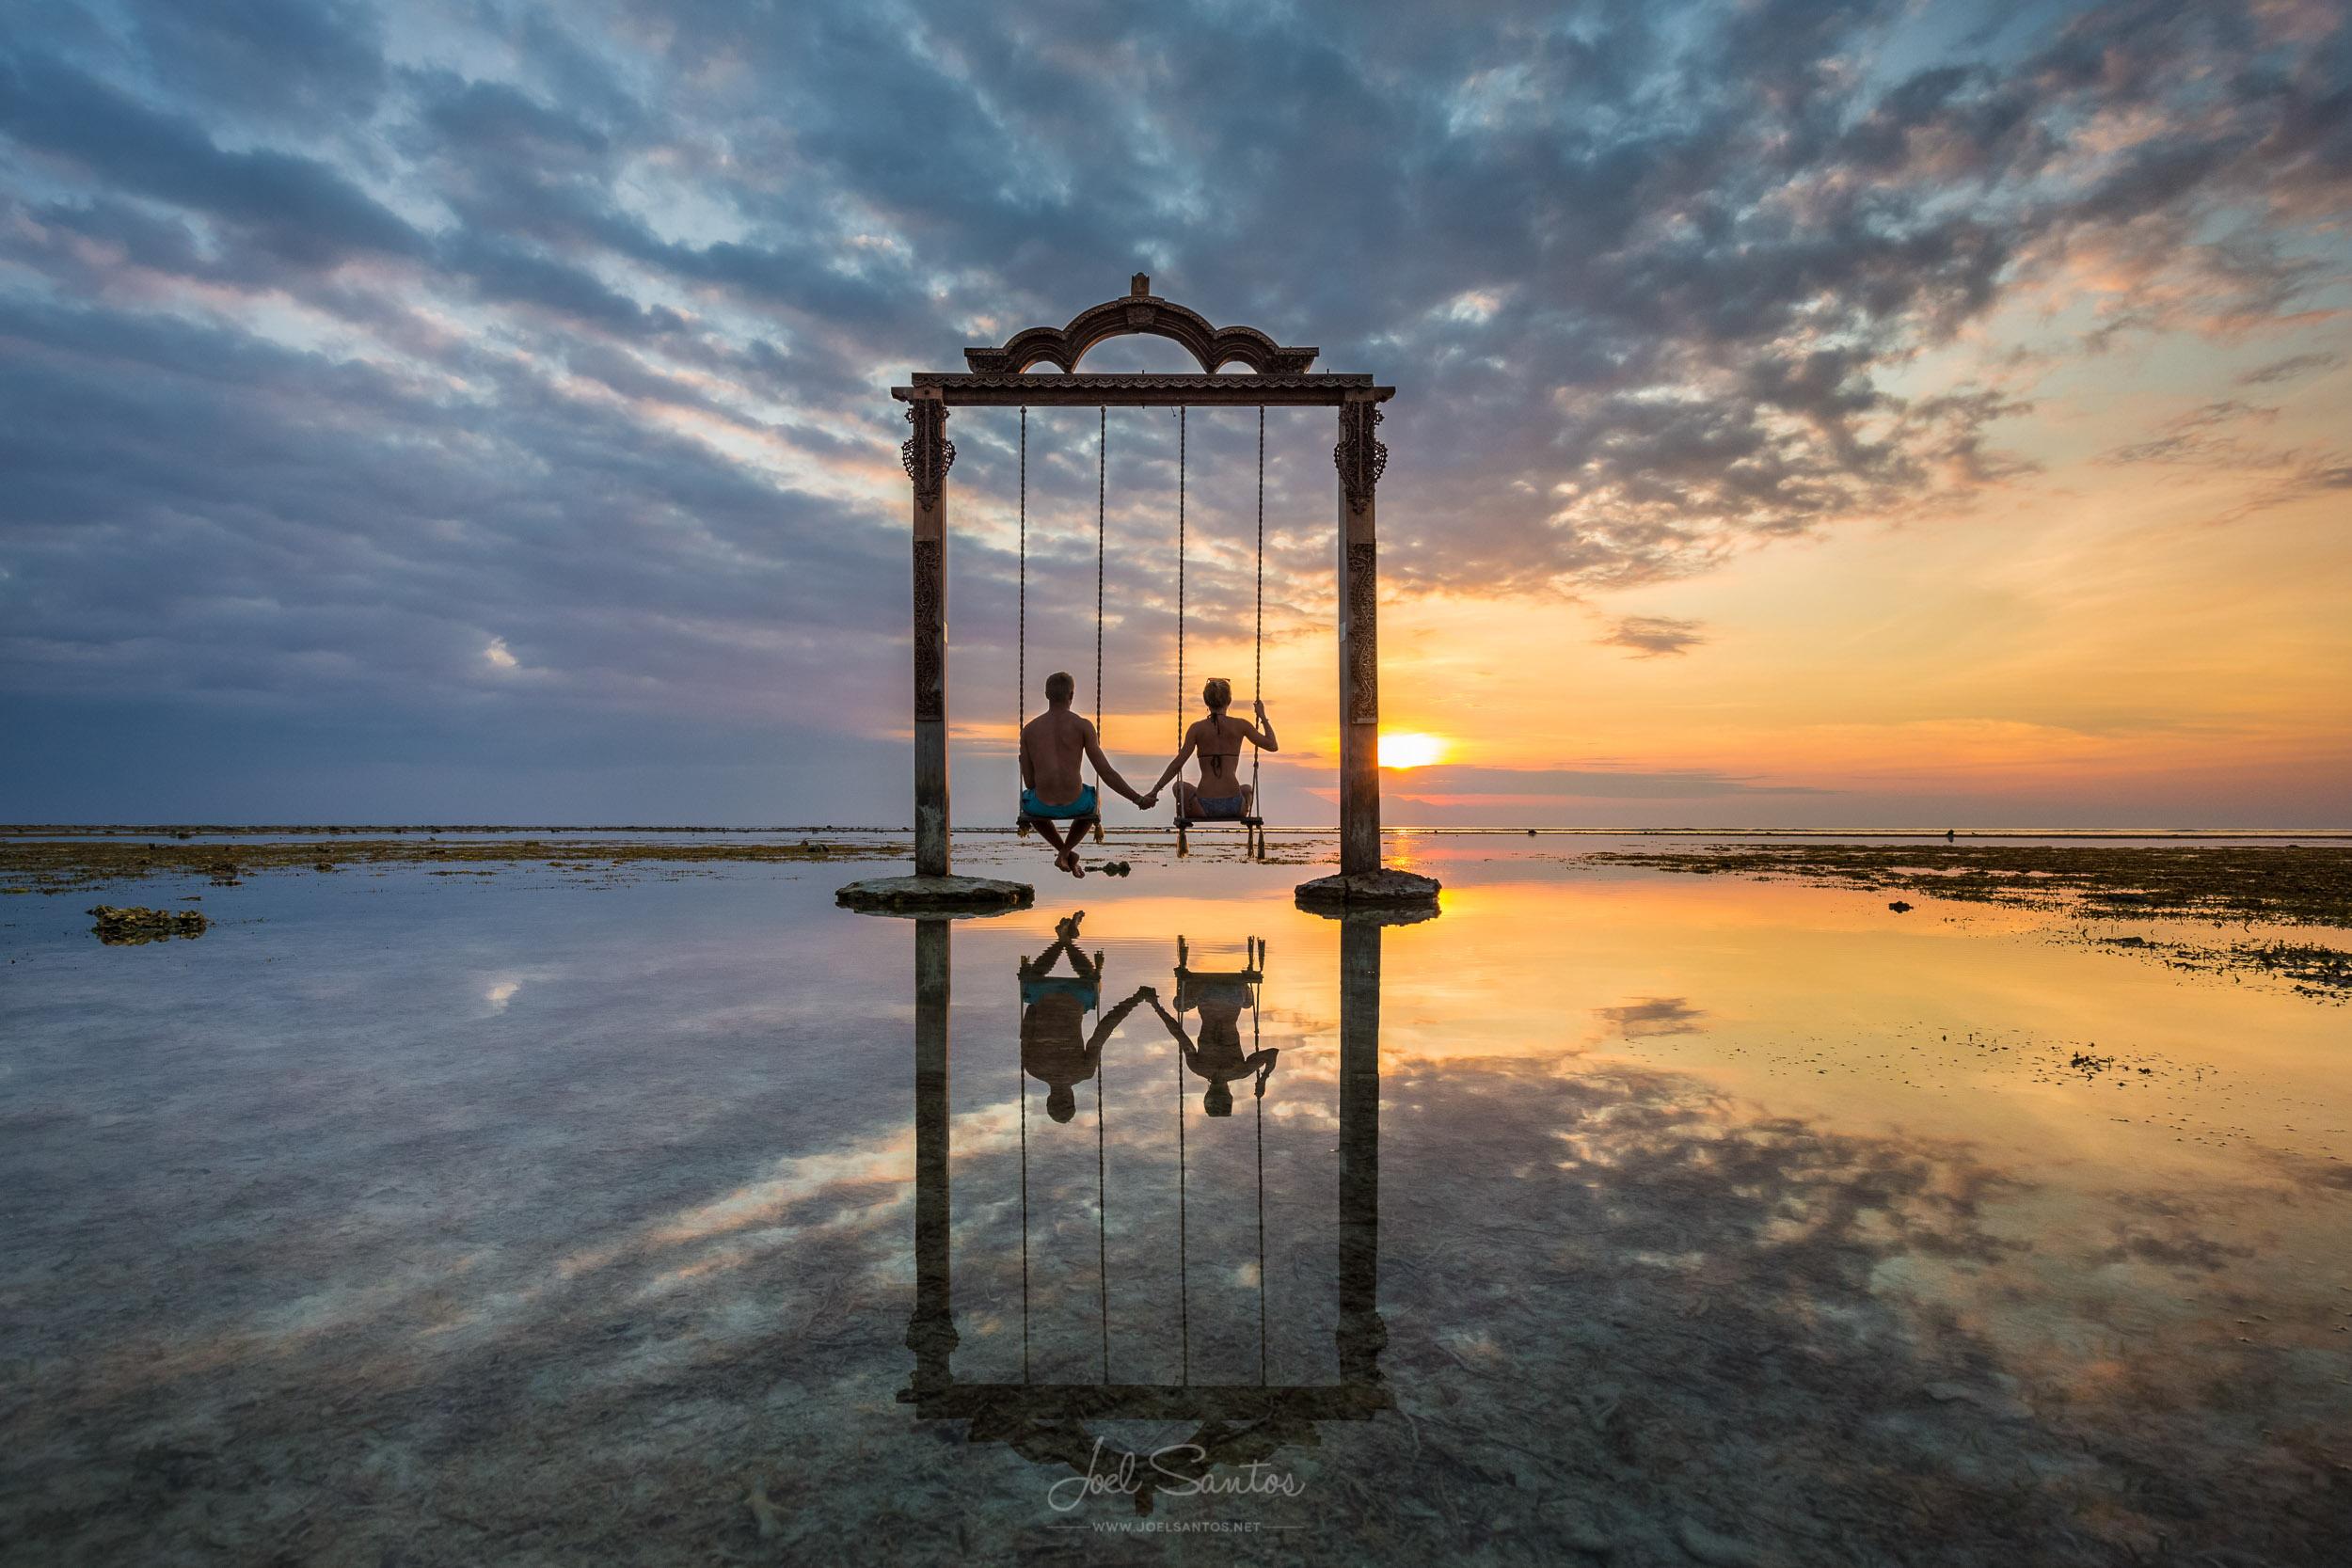 Ocean Swing, Gili island, Lombok, Indonesia